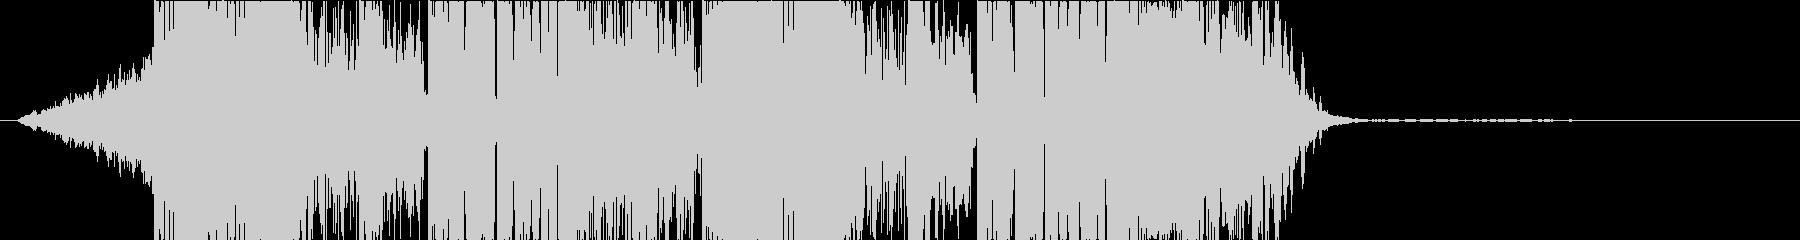 DUBSTEP かっこいい ジングル28の未再生の波形